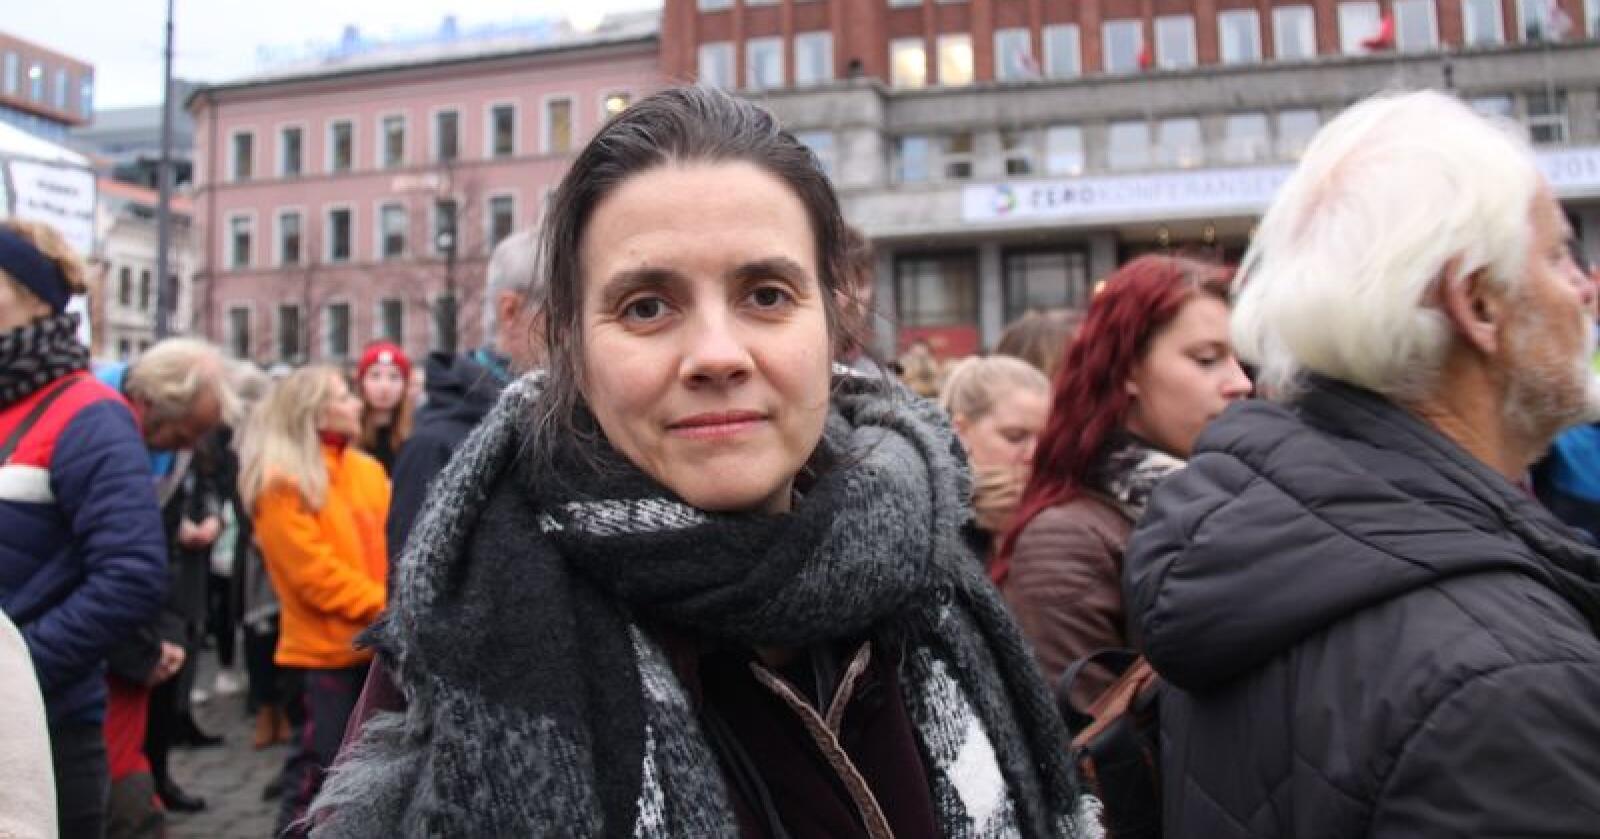 Siri Martinsen er leder i Noah, og mener Senterpartiets Geir Pollestad har en urimelig og uriktig kritikk av organisasjonen hun leder. (Foto: Janne Grete Aspen)